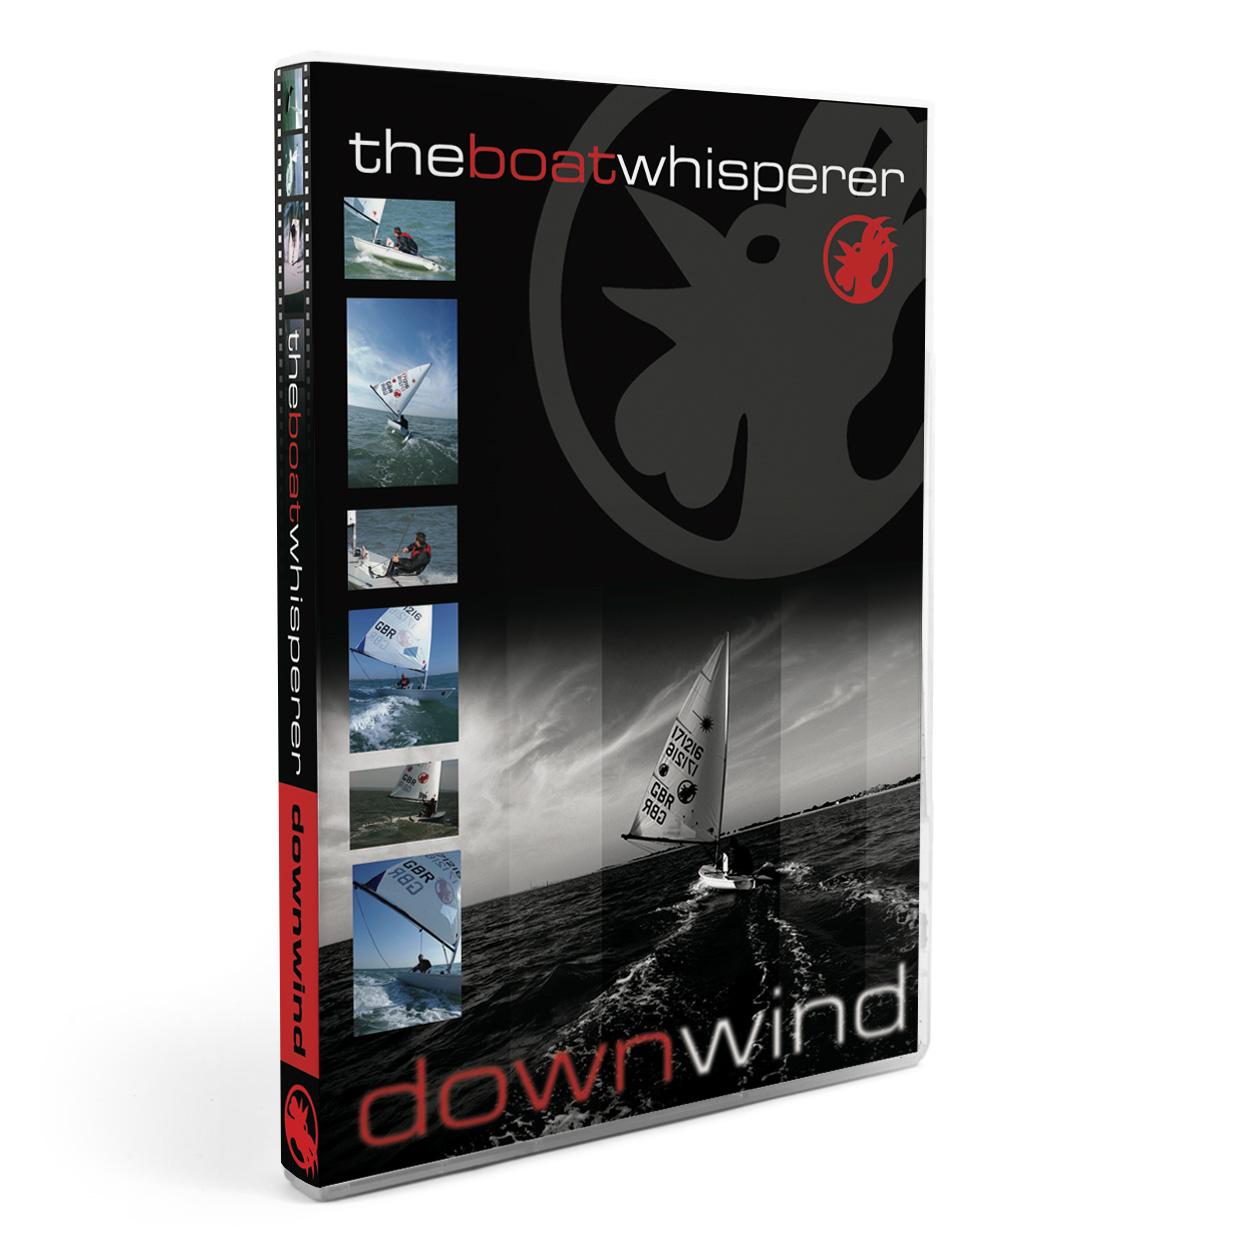 One Design Center - Rooster Boat Whisperer Downwind DVD c0f701af0de37